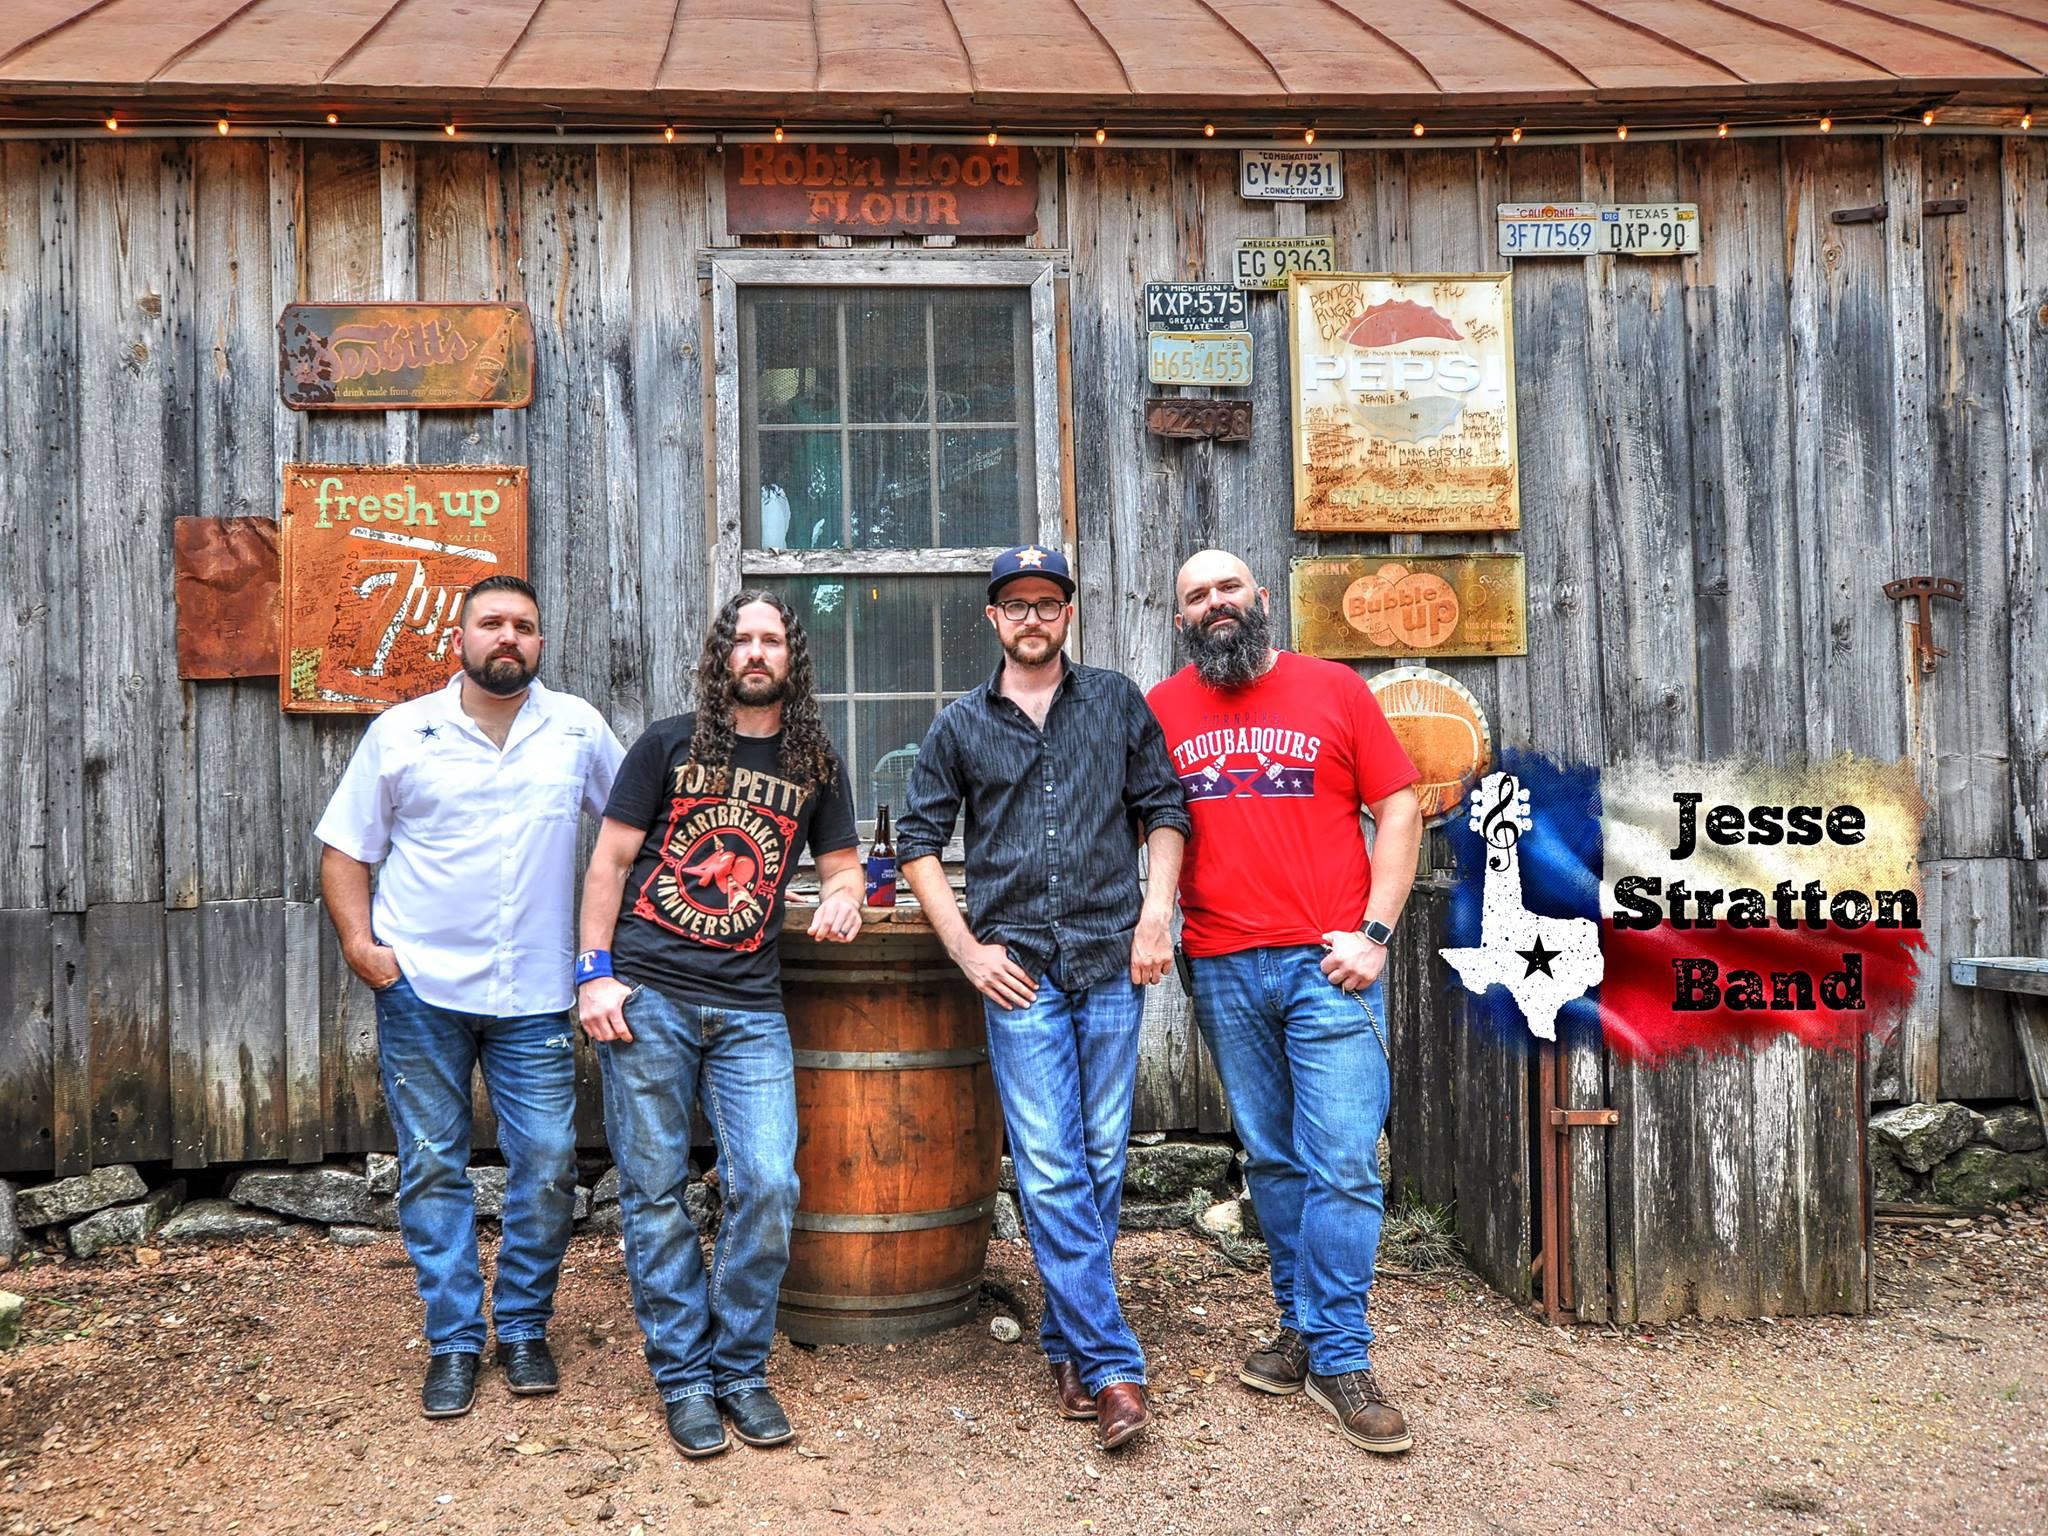 Jessie Stratton Band.jpg